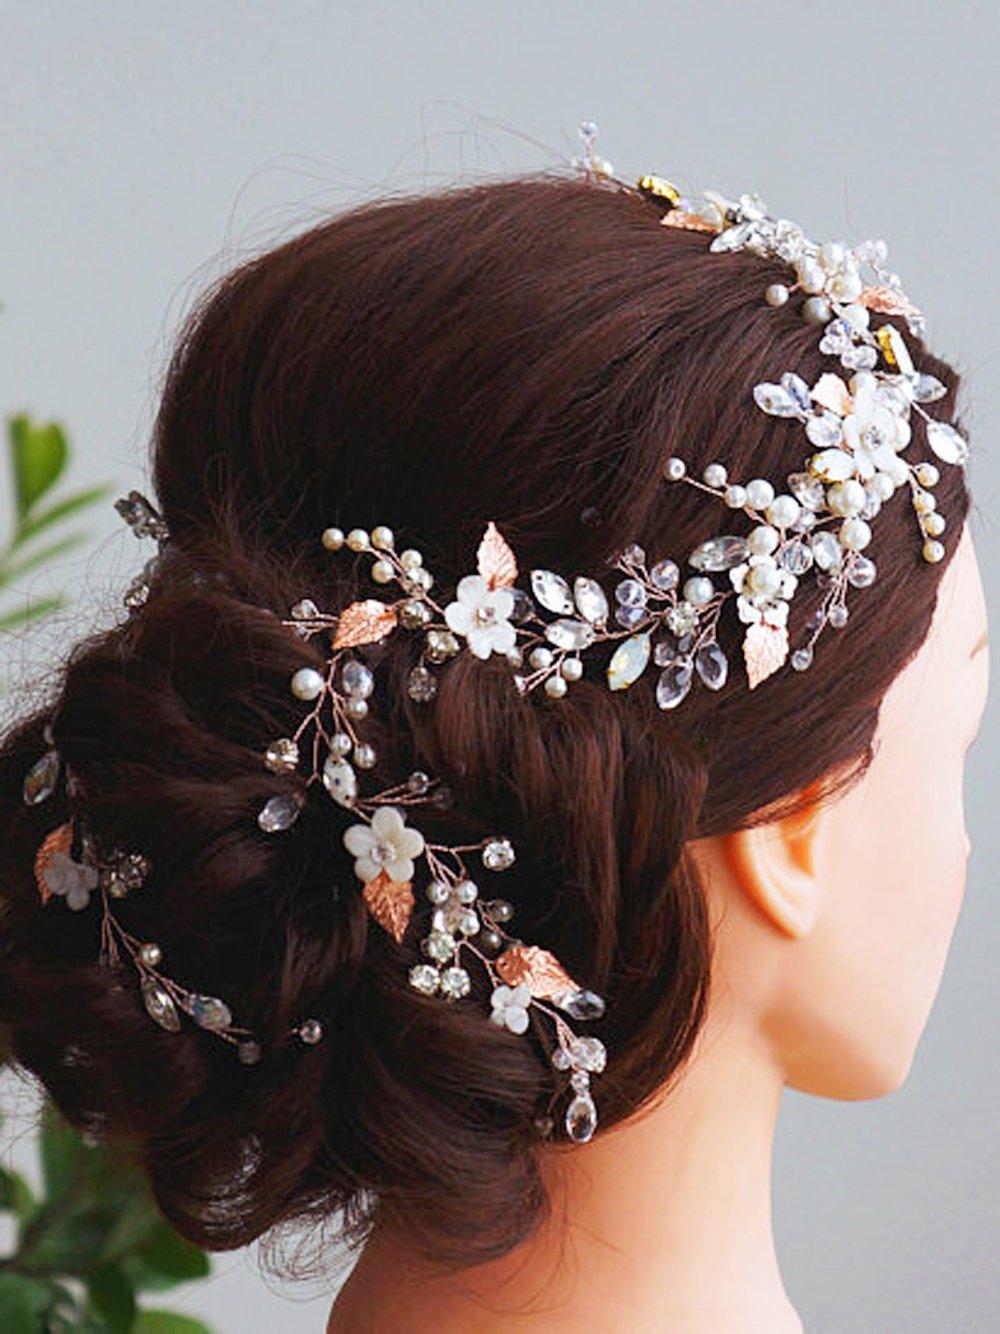 Fxmimior mariée Or rose Accessoires Cheveux Cristal Bandeau Cheveux longs Vine Diadem Soirée personnalisée Couronne Mariage Coiffe